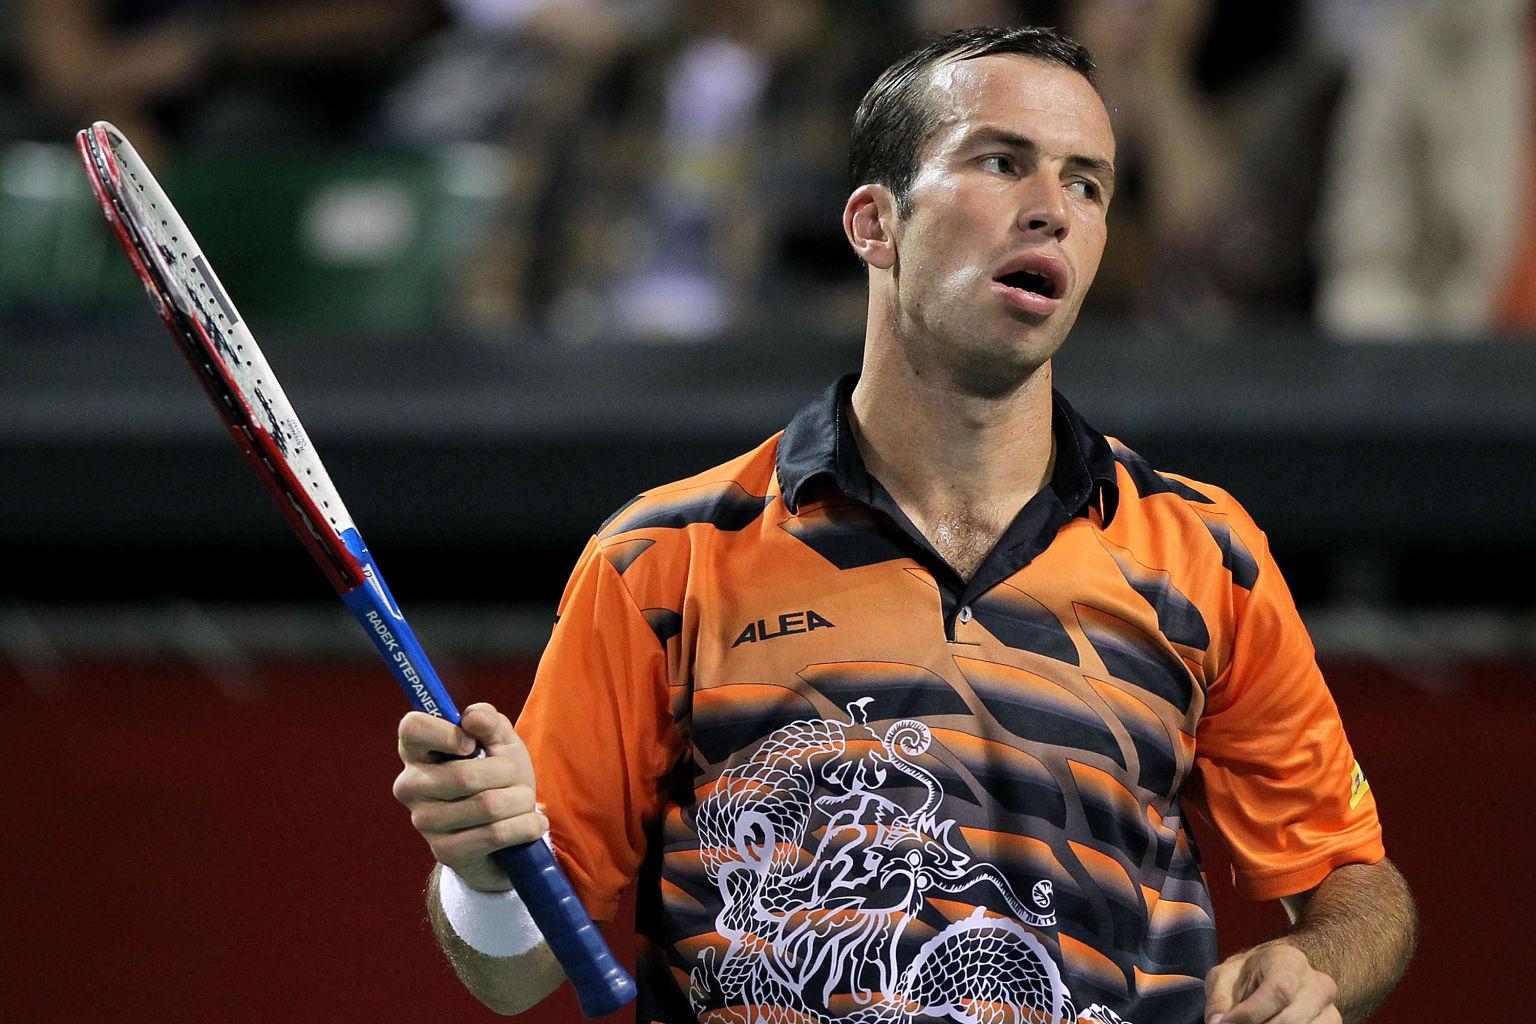 Solche Bekleidungen wie hier von Radek Stepanek bleiben den Zuschauern in Wimbledon erspart.